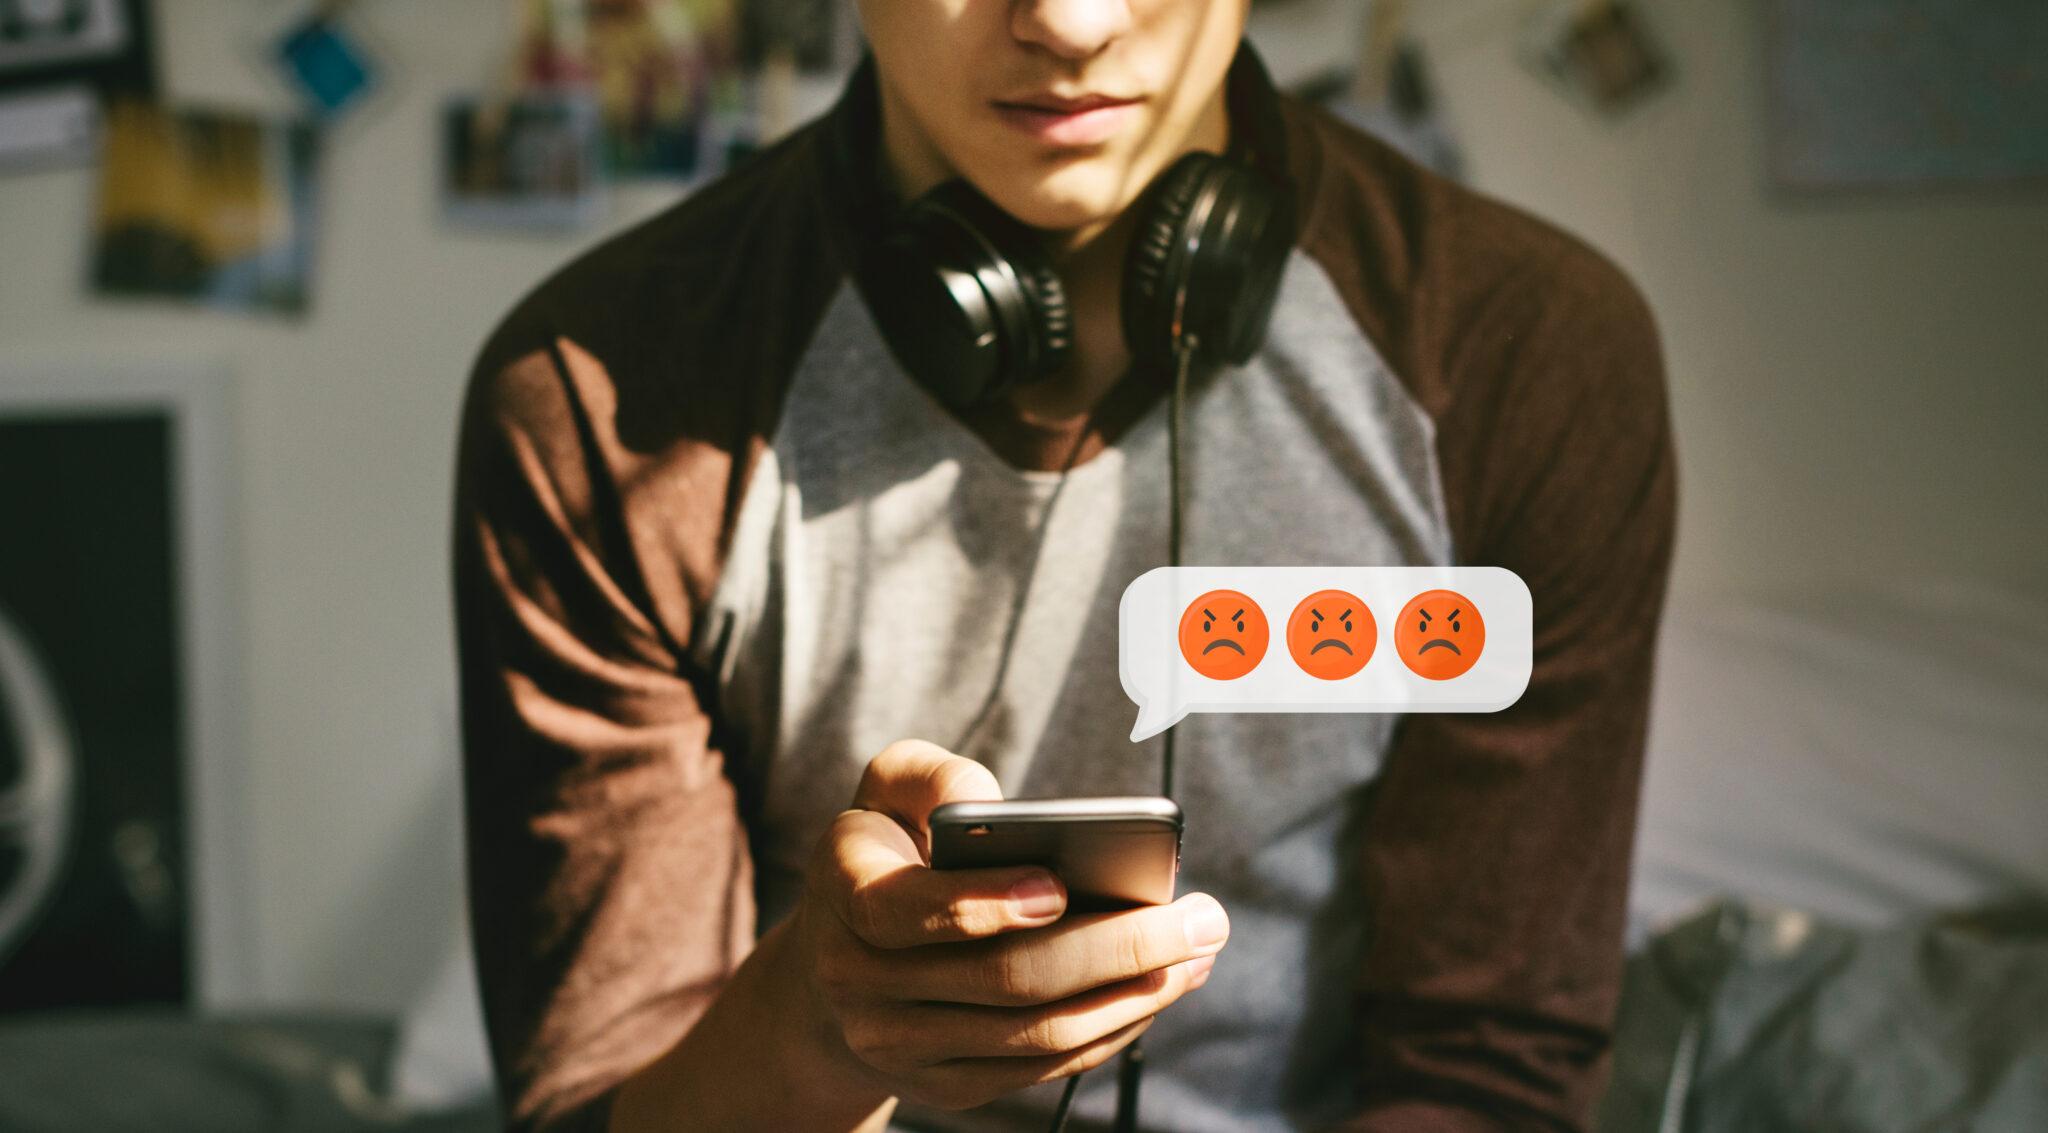 Ein junger Mann mit Handy in der Hand, über dem wütende Emoticons schweben.